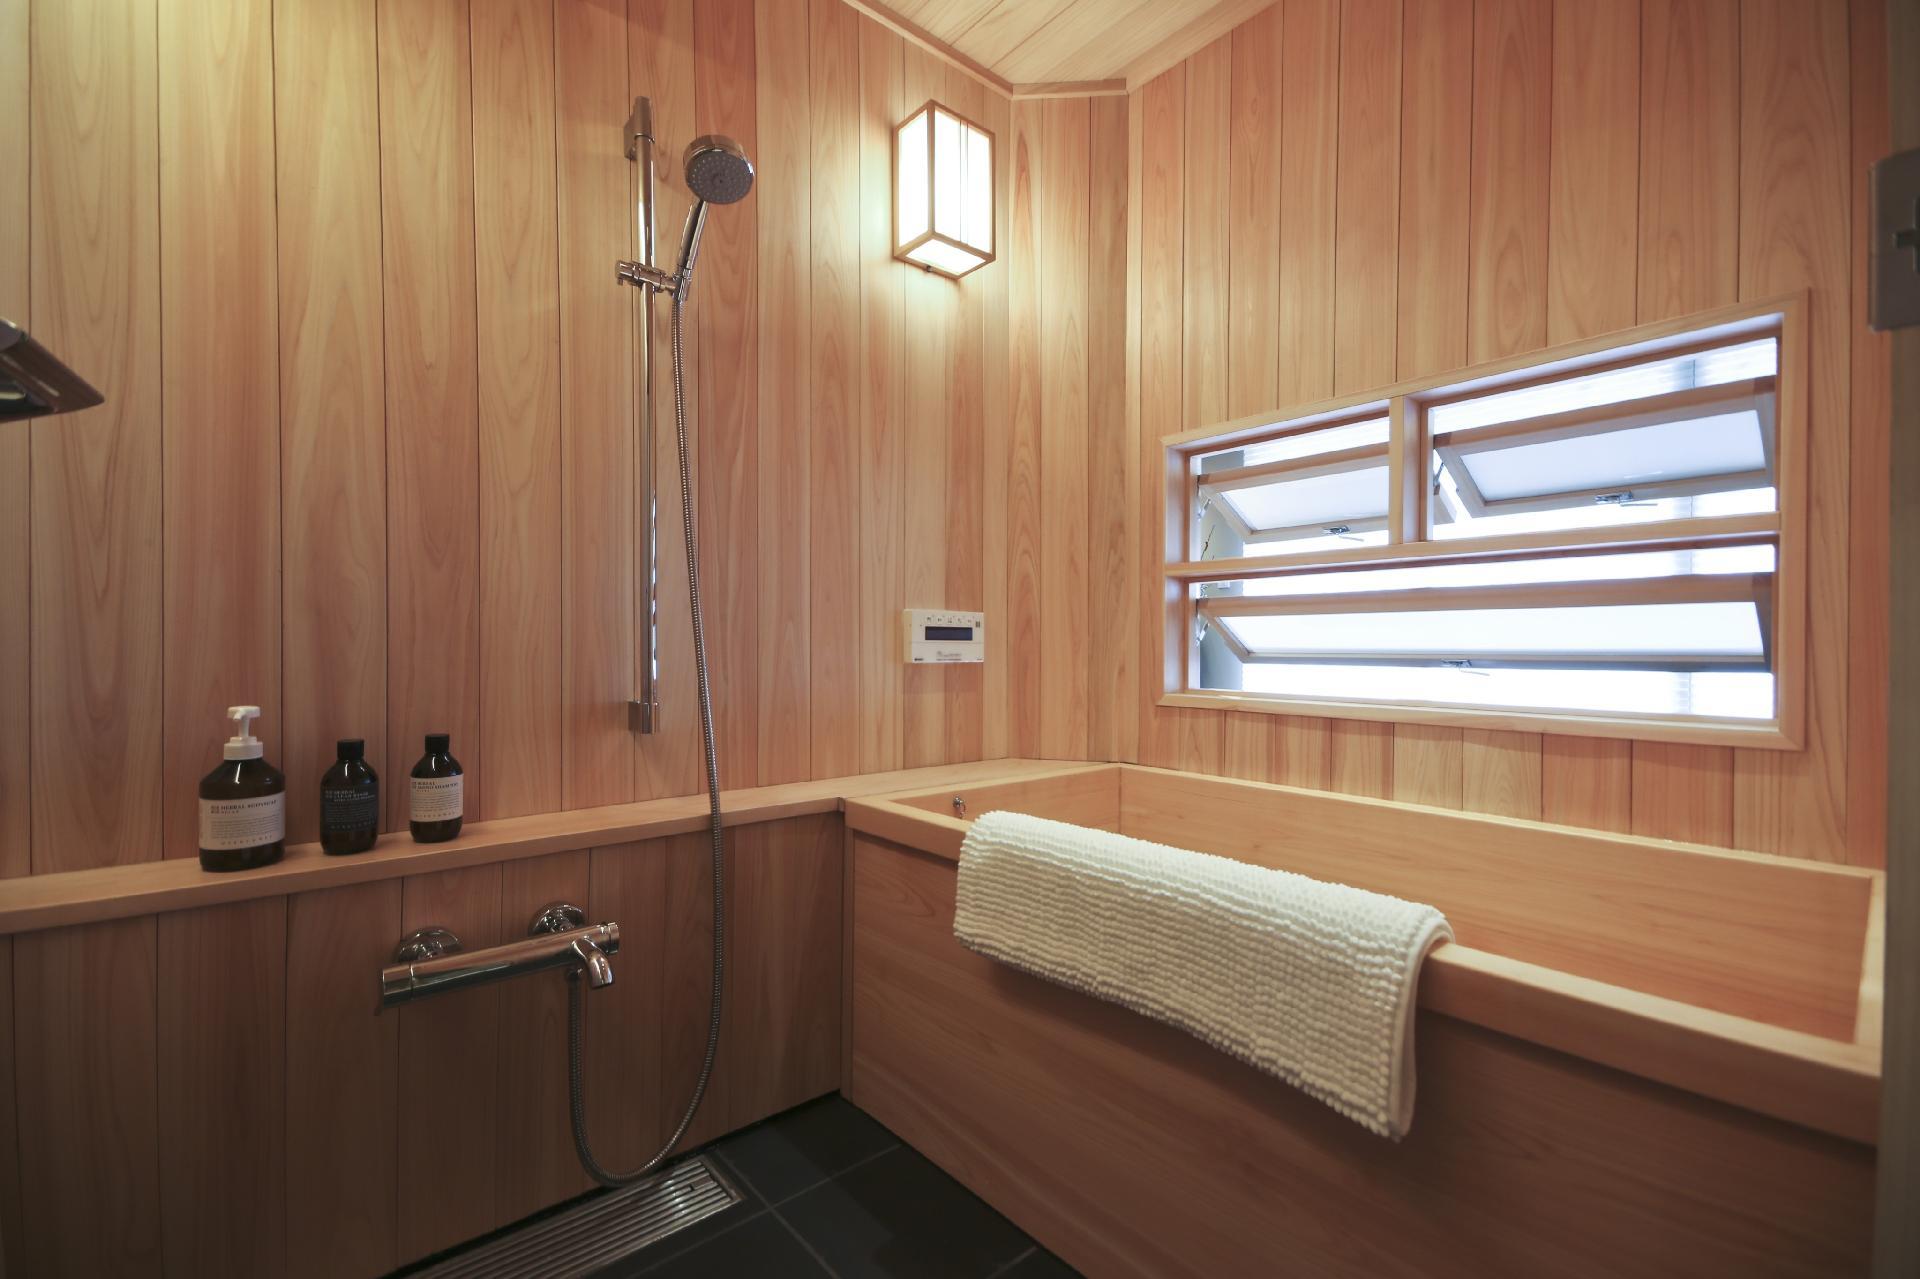 Feito em madeira, o banheiro acima está localizado em Ginza, distrito de Tóquio, Japão. A decoração do espaço, que conta com banheira e ducha de banho, é clean e moderna. O quarto completo no Airbnb pode ser alugado por ¥ 23976 a diária, cerca de R$ 800 (de acordo com a cotação do dia 1º.junho.2016)